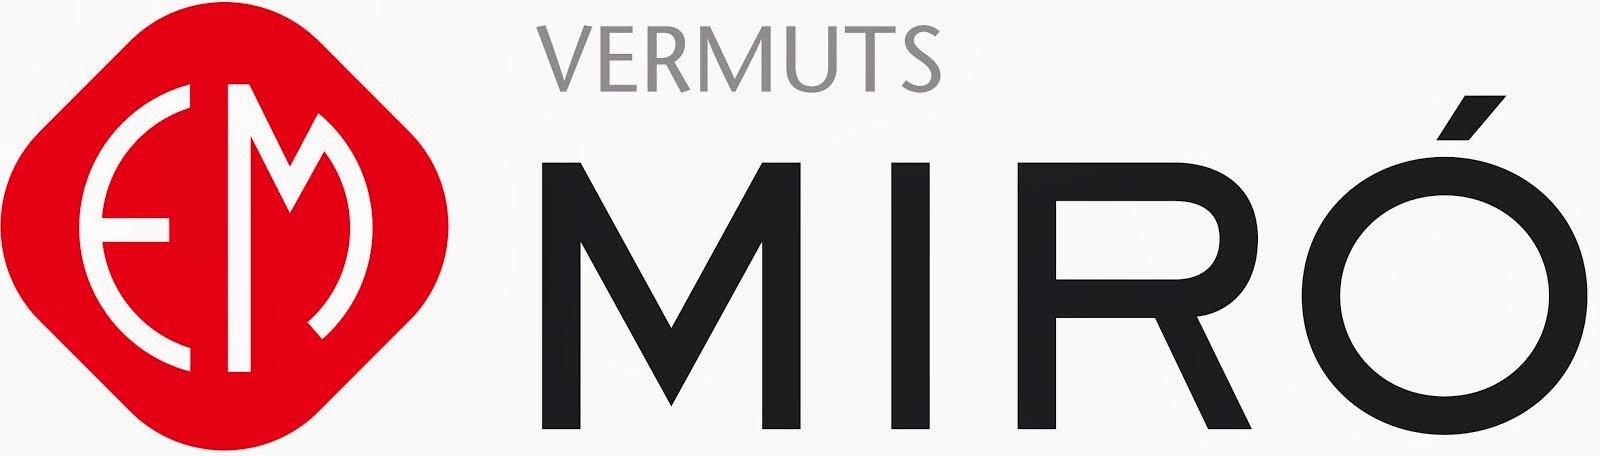 VERMUT MIRO